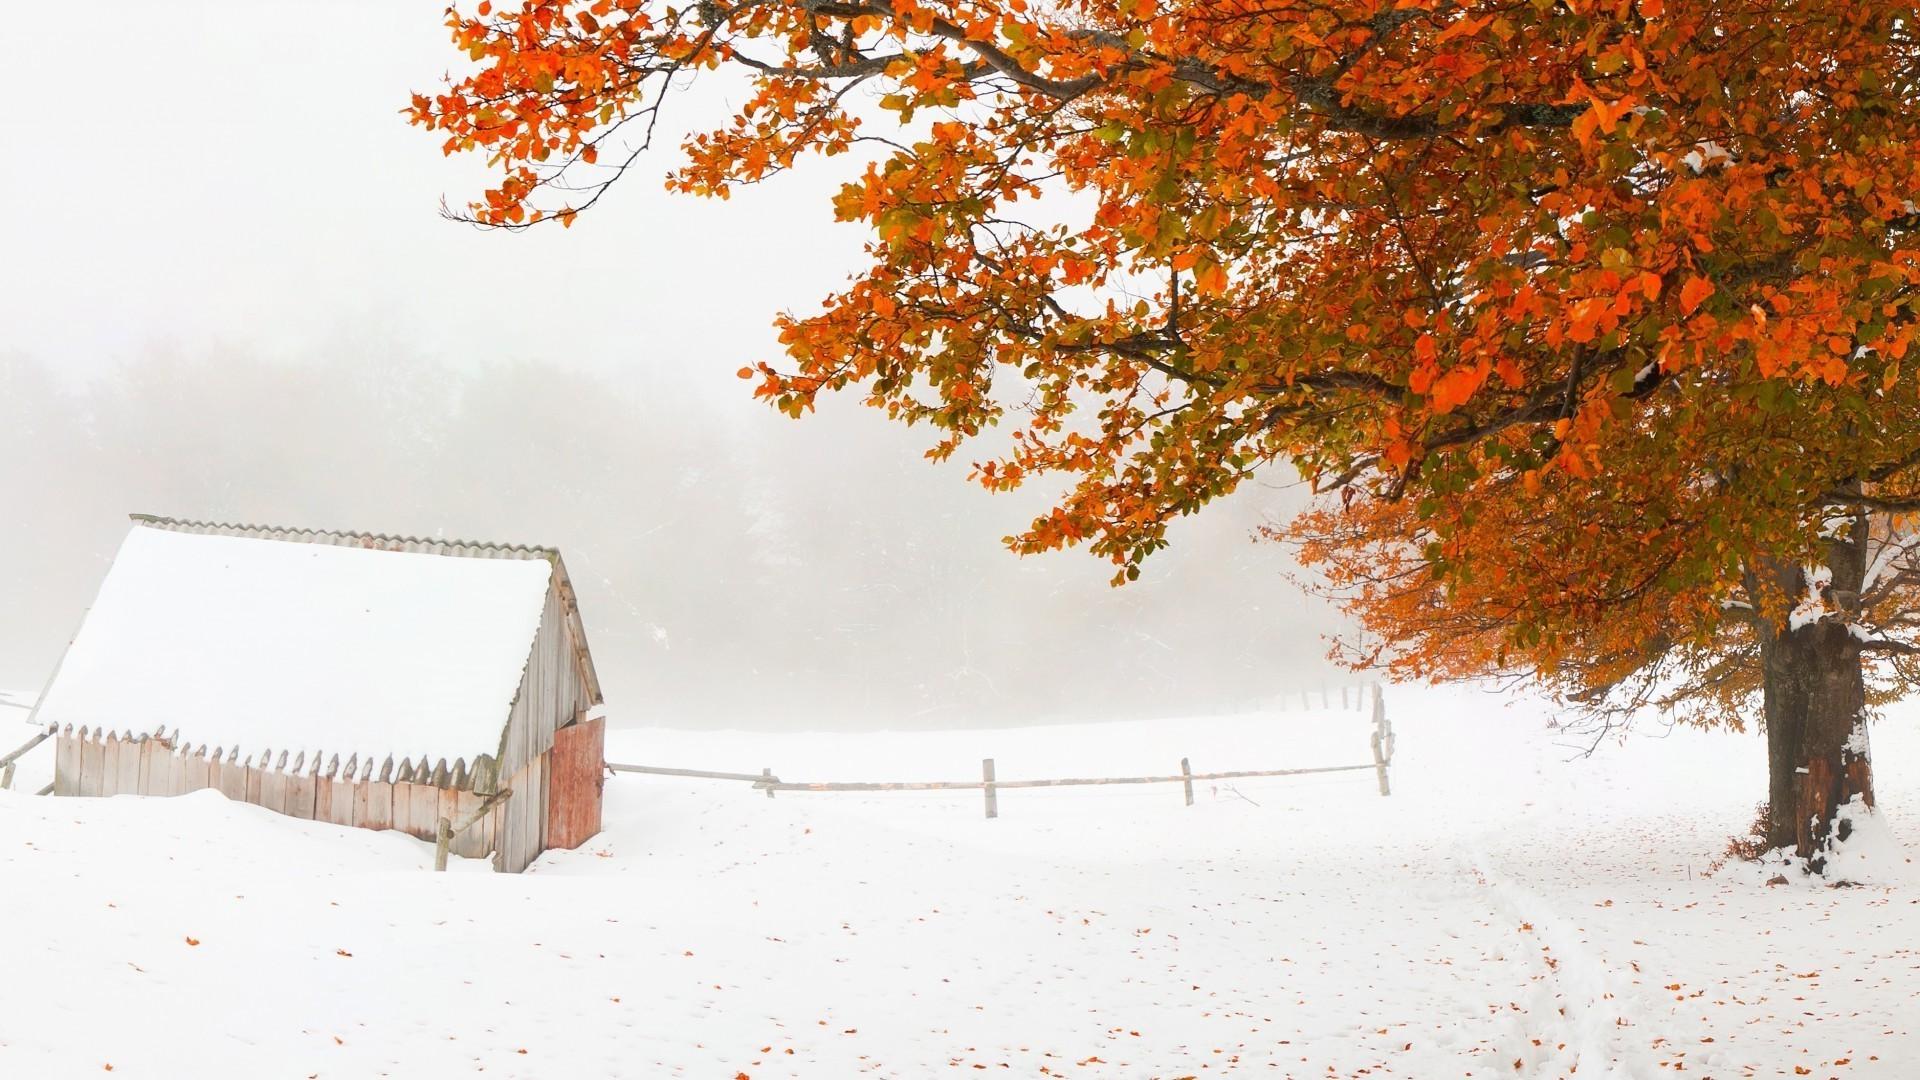 осень первый снег обои рабочего стола № 637011  скачать